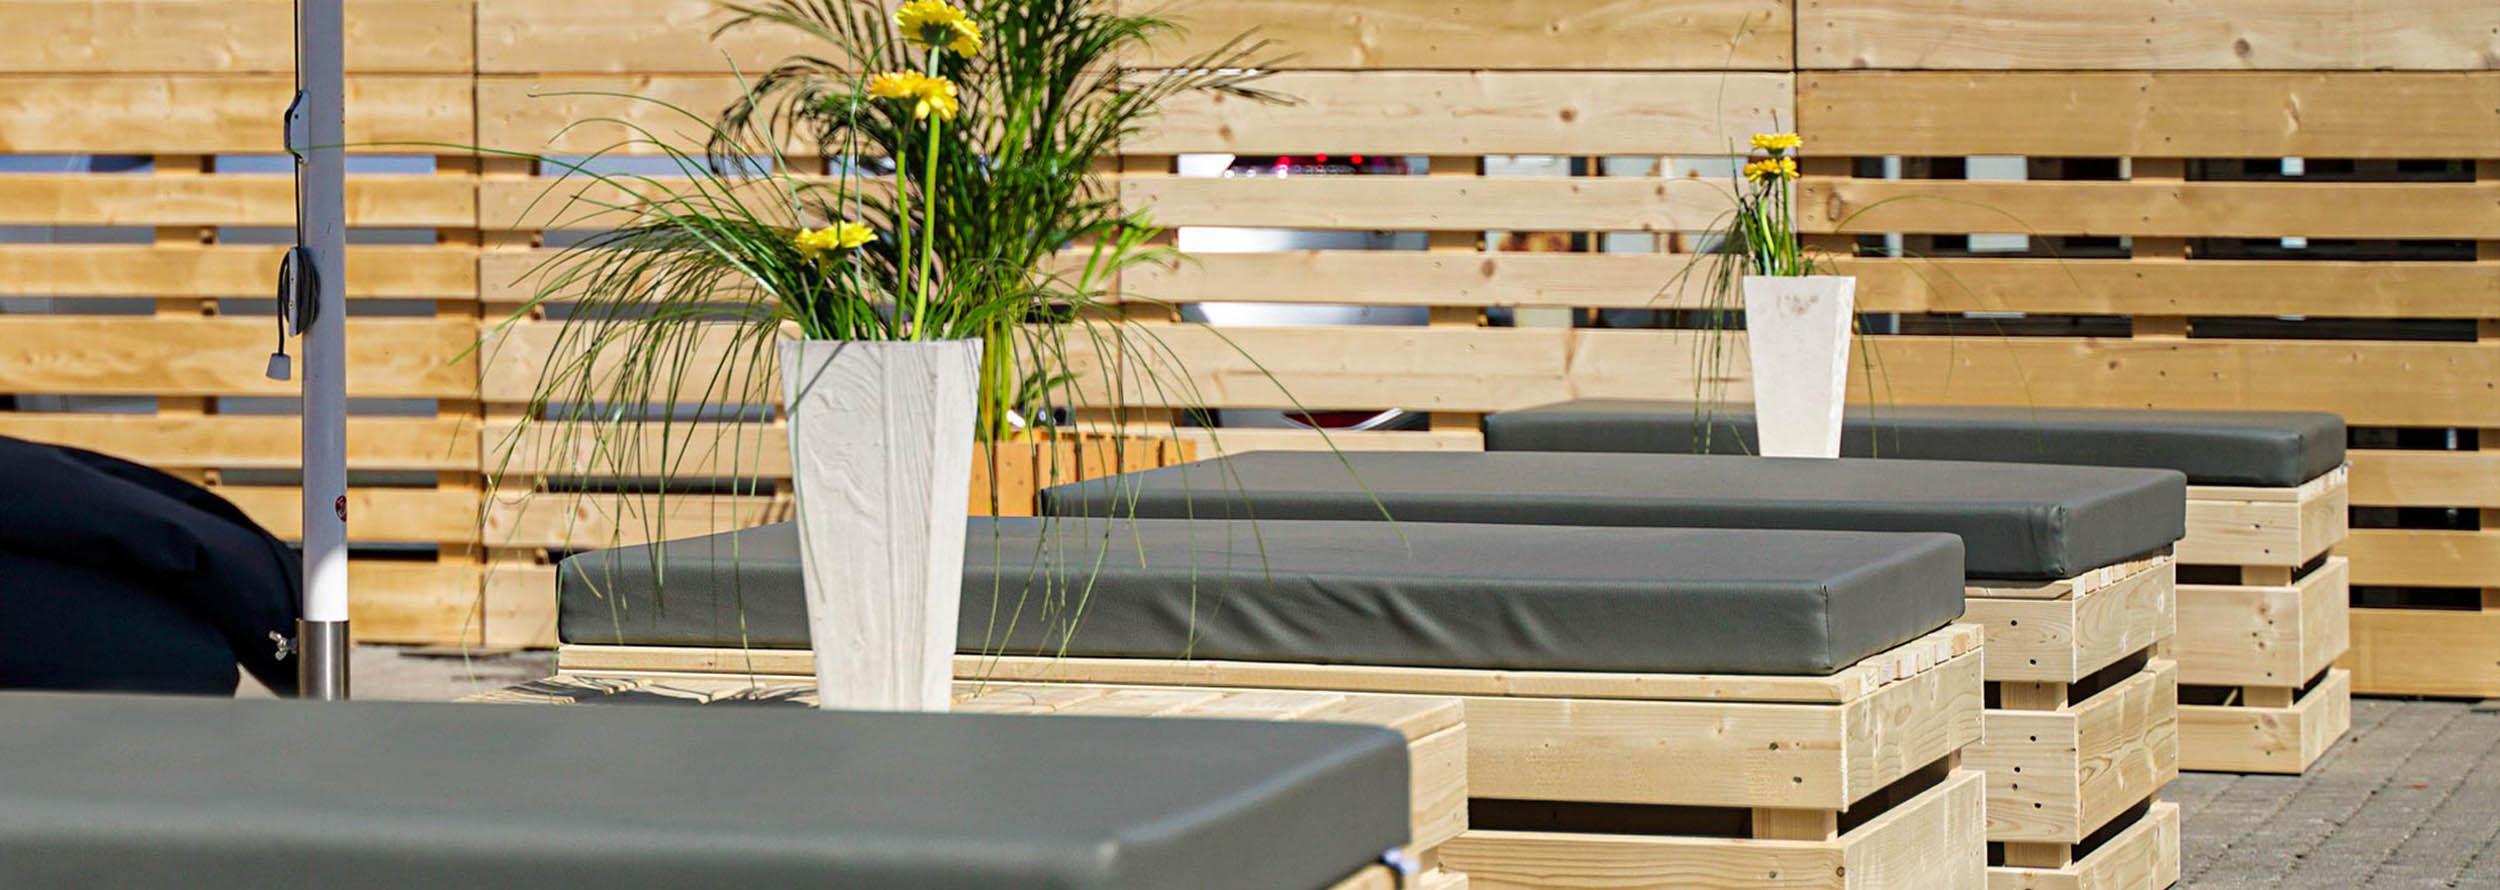 Palettenmöbel kaufen - Palettensofas & Loungemöbel 2.0 von SUPERSACK